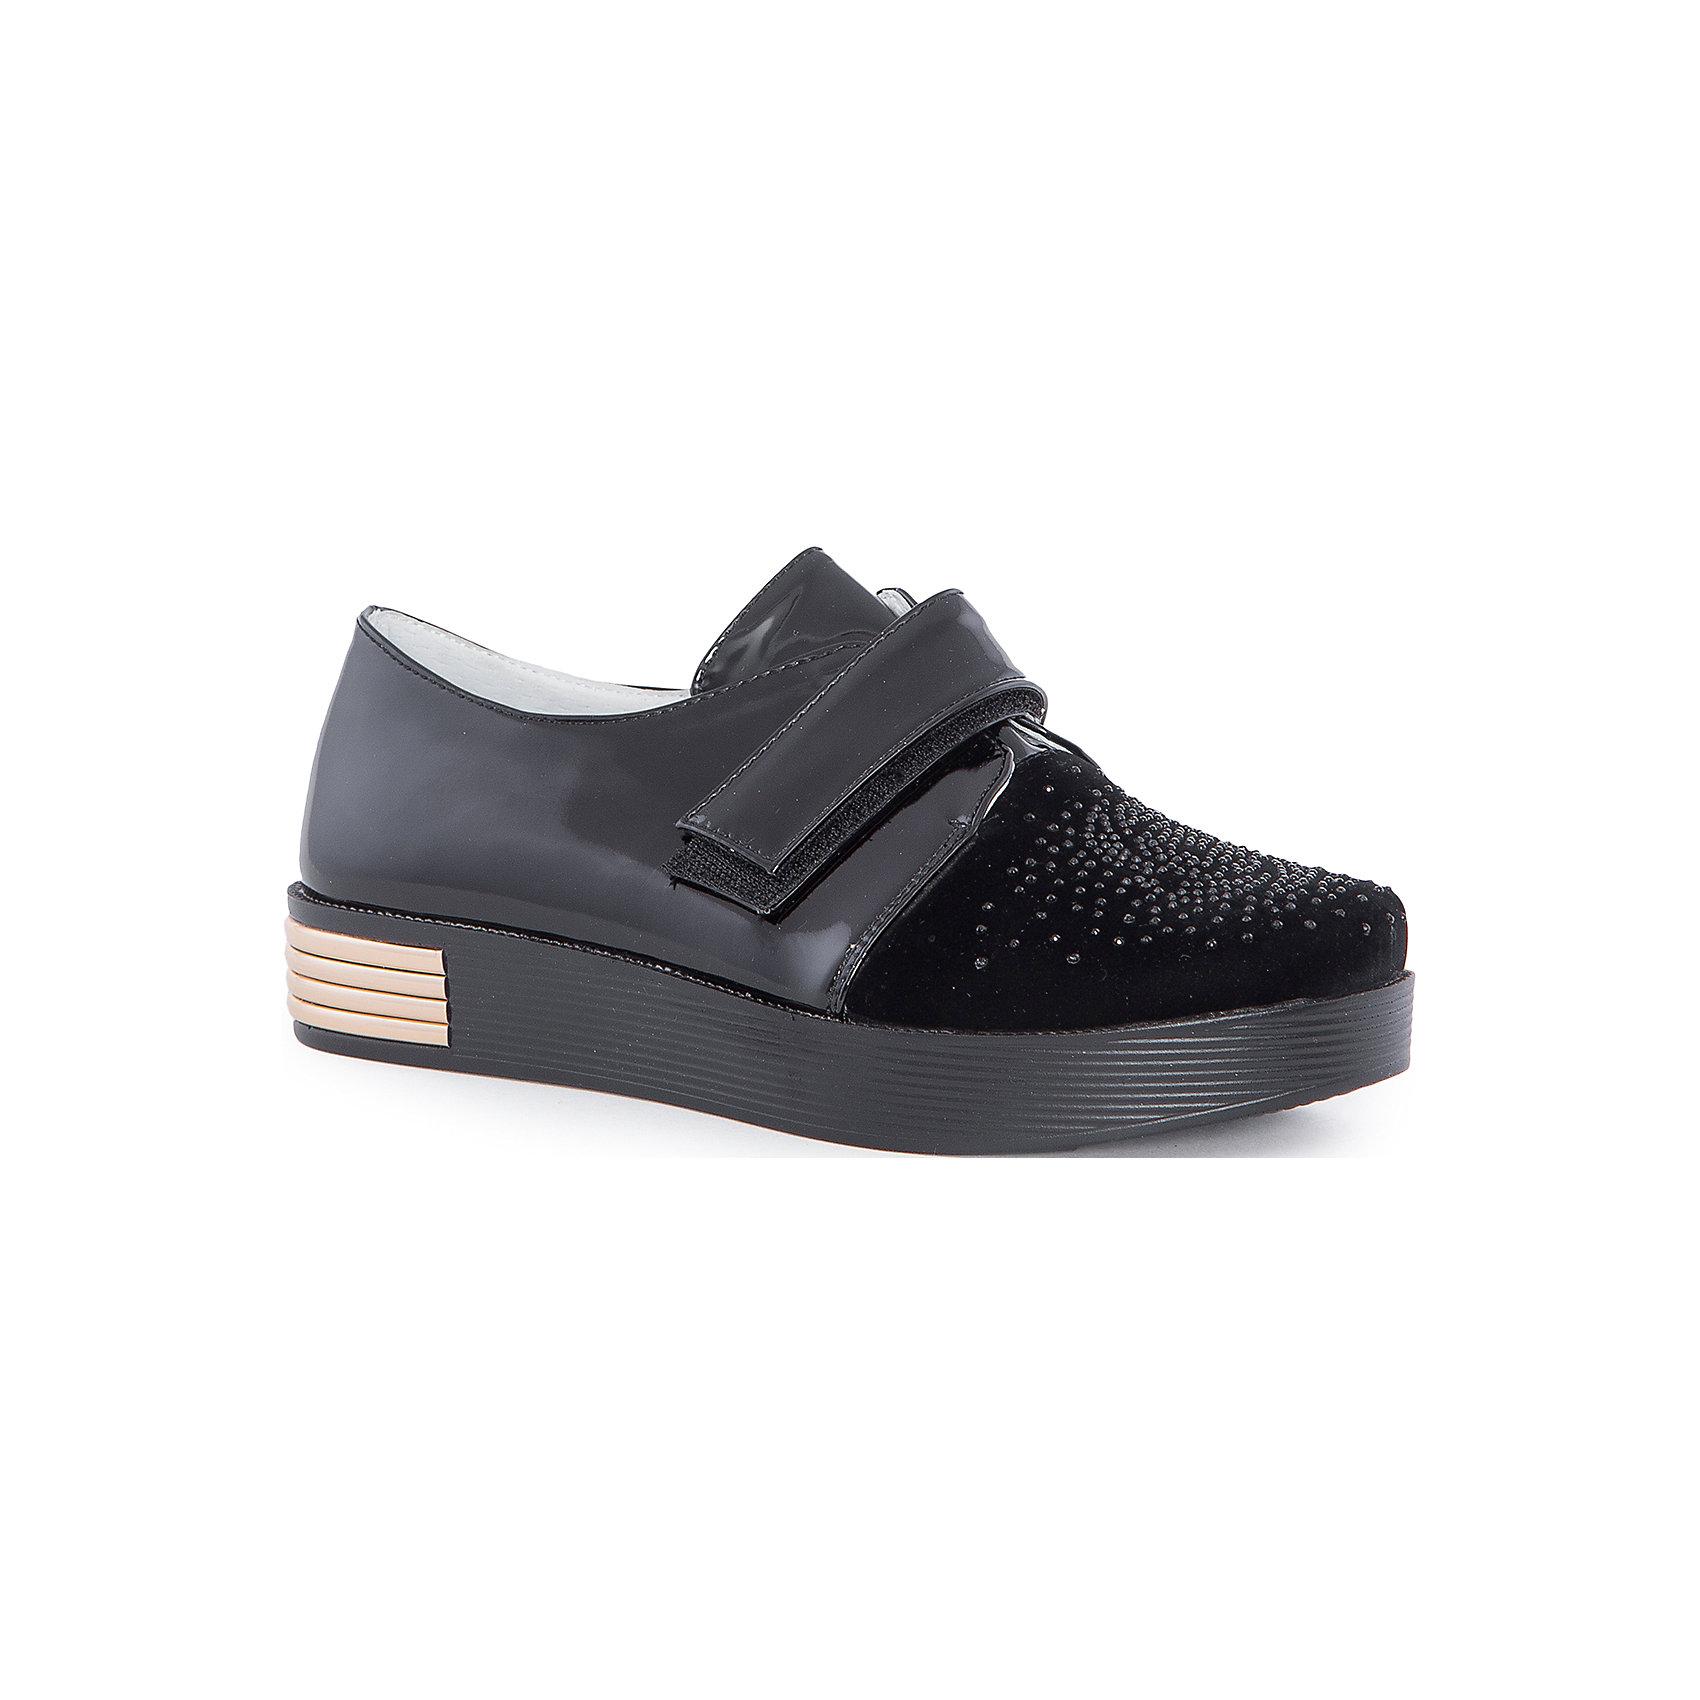 Полуботинки для девочки MursuОбувь<br>Полуботинки для девочки MURSU (Мурсу).<br><br>Характеристики: <br><br>• цвет: черный<br>• нарядная обувь, школьная обувь, повседневная обувь<br>• материал: искусственная кожа<br>• подкладка: натуральная кожа<br>• стелька: натуральная кожа<br>• подошва: ТЭП<br>• застежка-липучка<br><br>Ботинки MURSU изготовлены из натуральной высококачественной кожи. Они застегиваются на липучку спереди. Плотная высокая подошва обеспечит удобство во время ношения. Черная расцветка с золотой вставкой хорошо сочетается с любой верхней одеждой. Стильные удобные полуботинки - прекрасный выбор для прогулок!<br><br>Полуботинки для девочки MURSU (Мурсу) можно приобрести в нашем интернет-магазине.<br><br>Ширина мм: 262<br>Глубина мм: 176<br>Высота мм: 97<br>Вес г: 427<br>Цвет: черный<br>Возраст от месяцев: 144<br>Возраст до месяцев: 156<br>Пол: Женский<br>Возраст: Детский<br>Размер: 36,35,33,34,37<br>SKU: 4862804